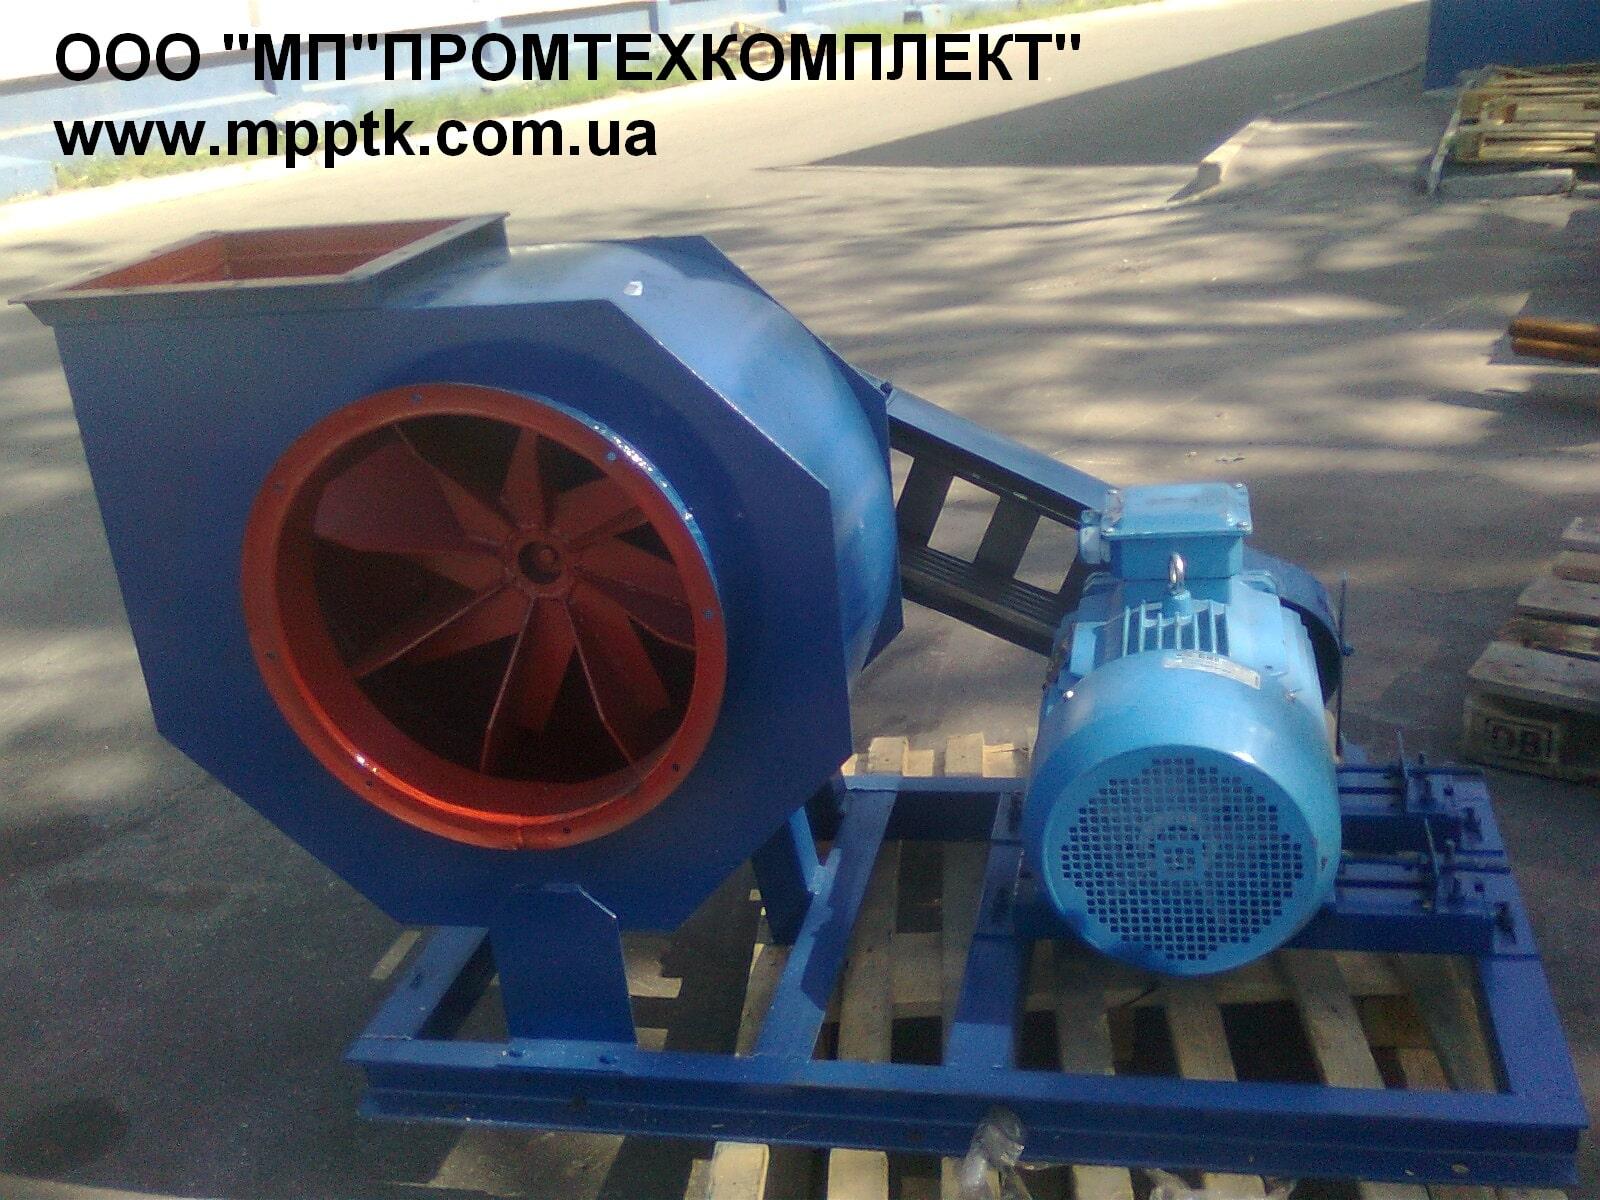 Вентилятор ВЦП 6-45 купить недорого фото изготовление доставка Украина